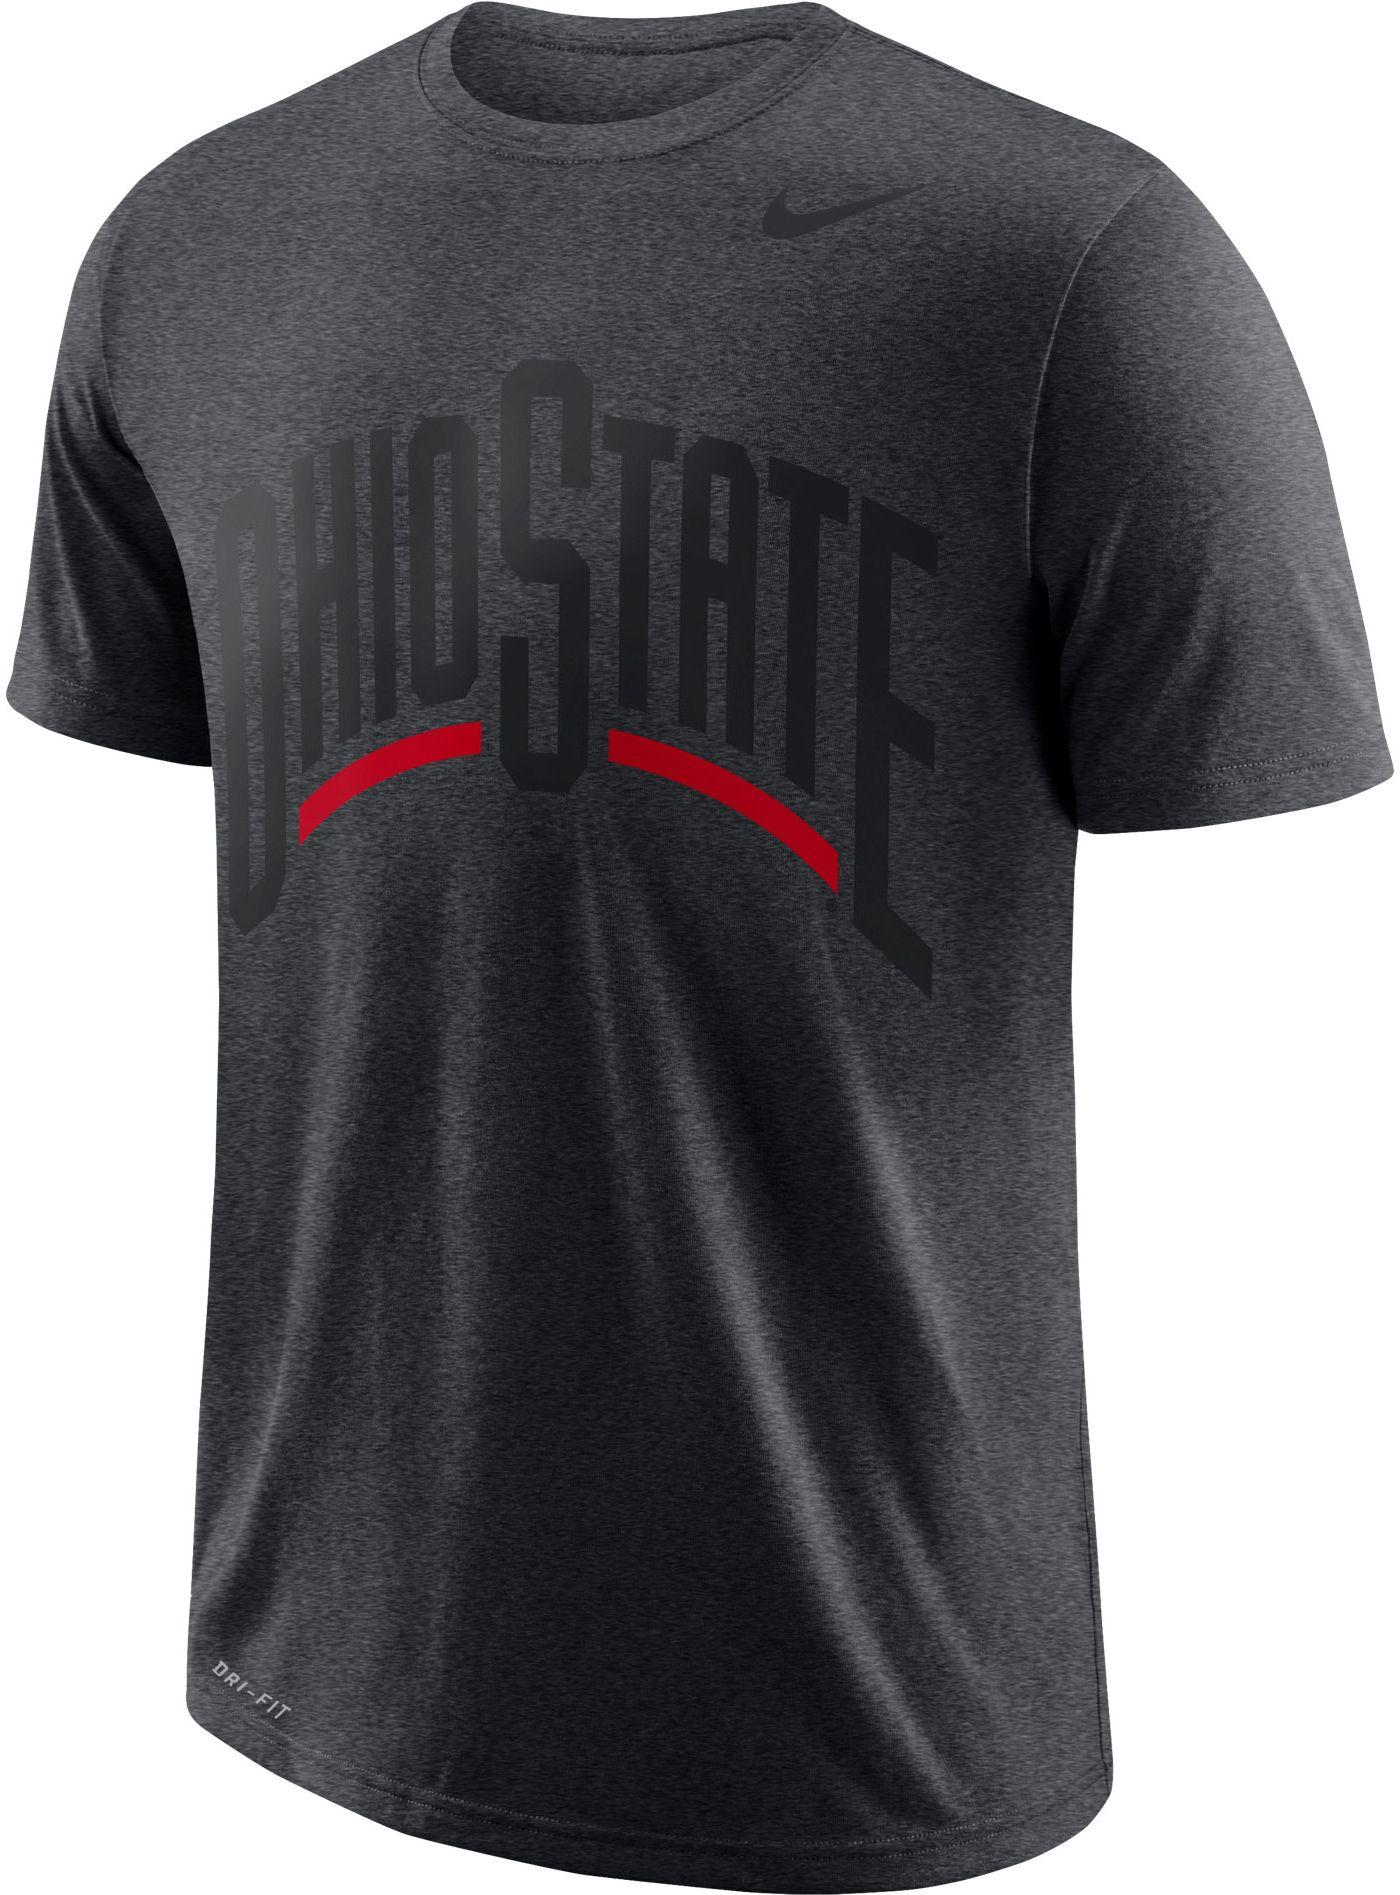 Nike Men's Ohio State Buckeyes Gray Wordmark T-Shirt